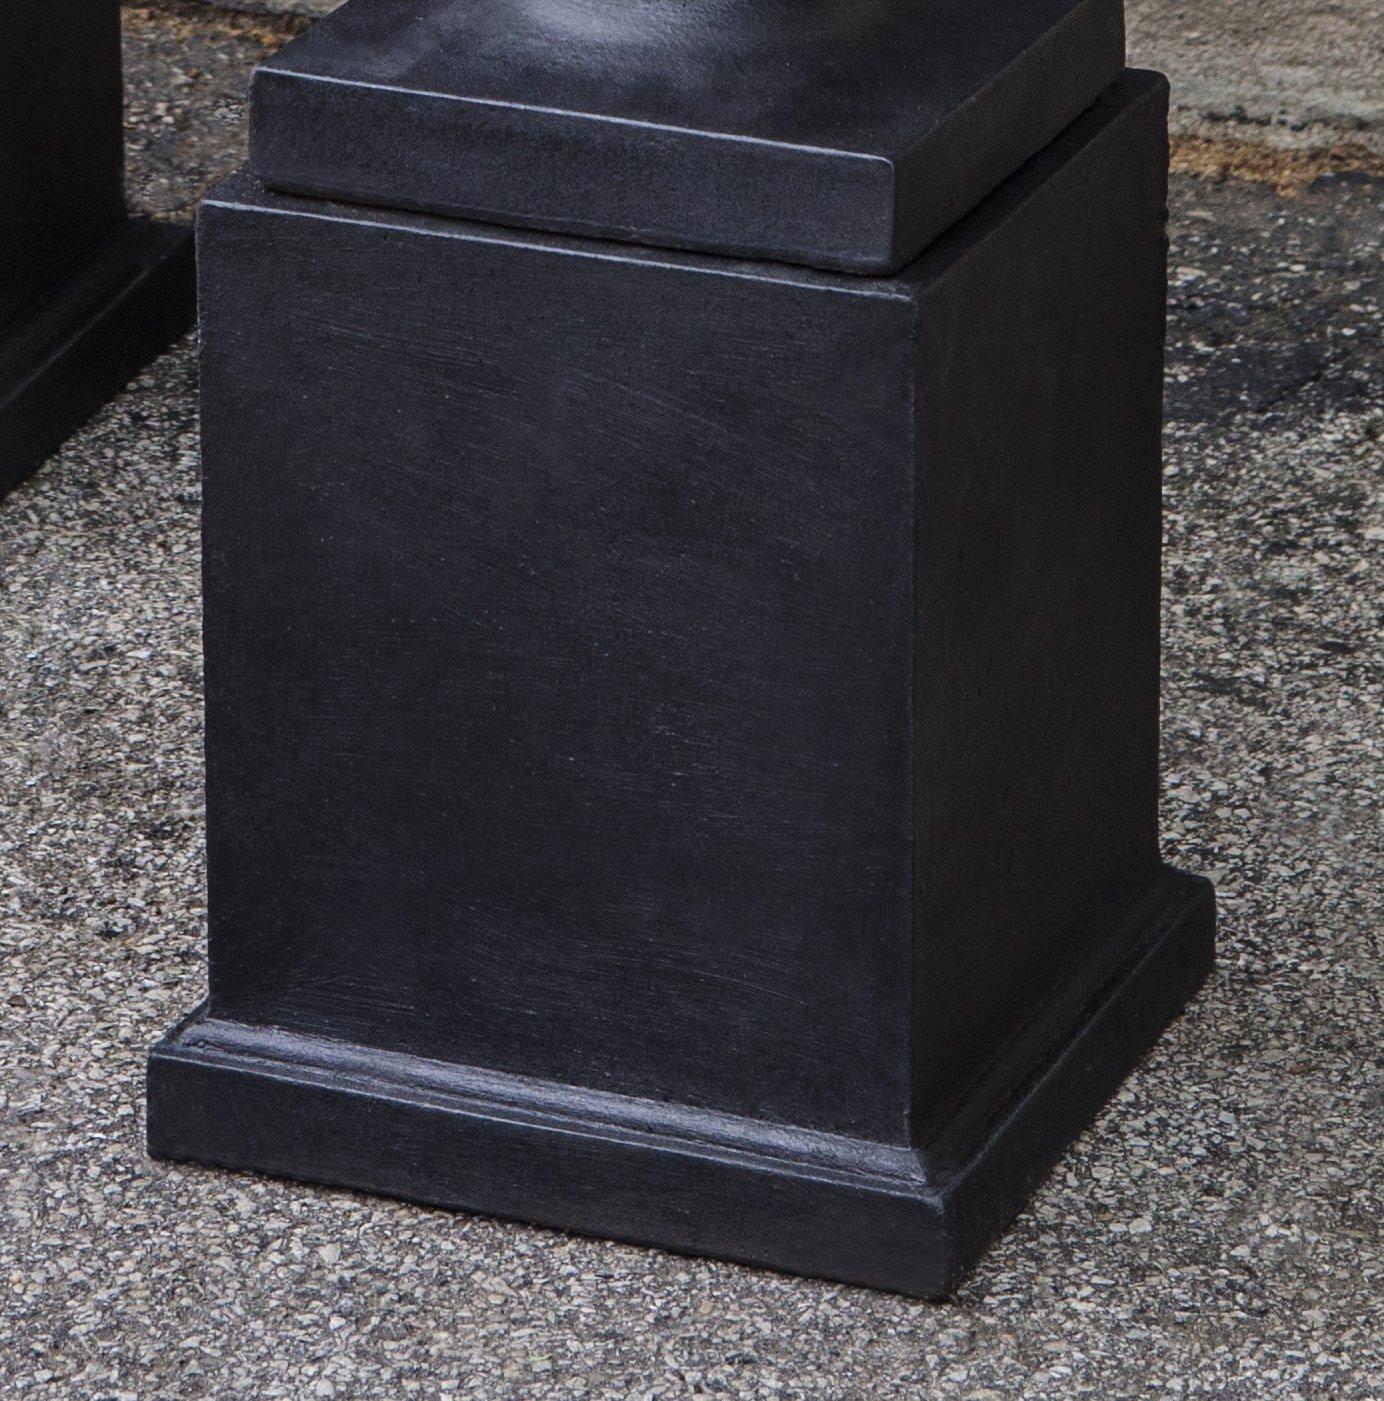 Campania International PD-207-TN Mini Pedestal, Low, Terra Nera Finish